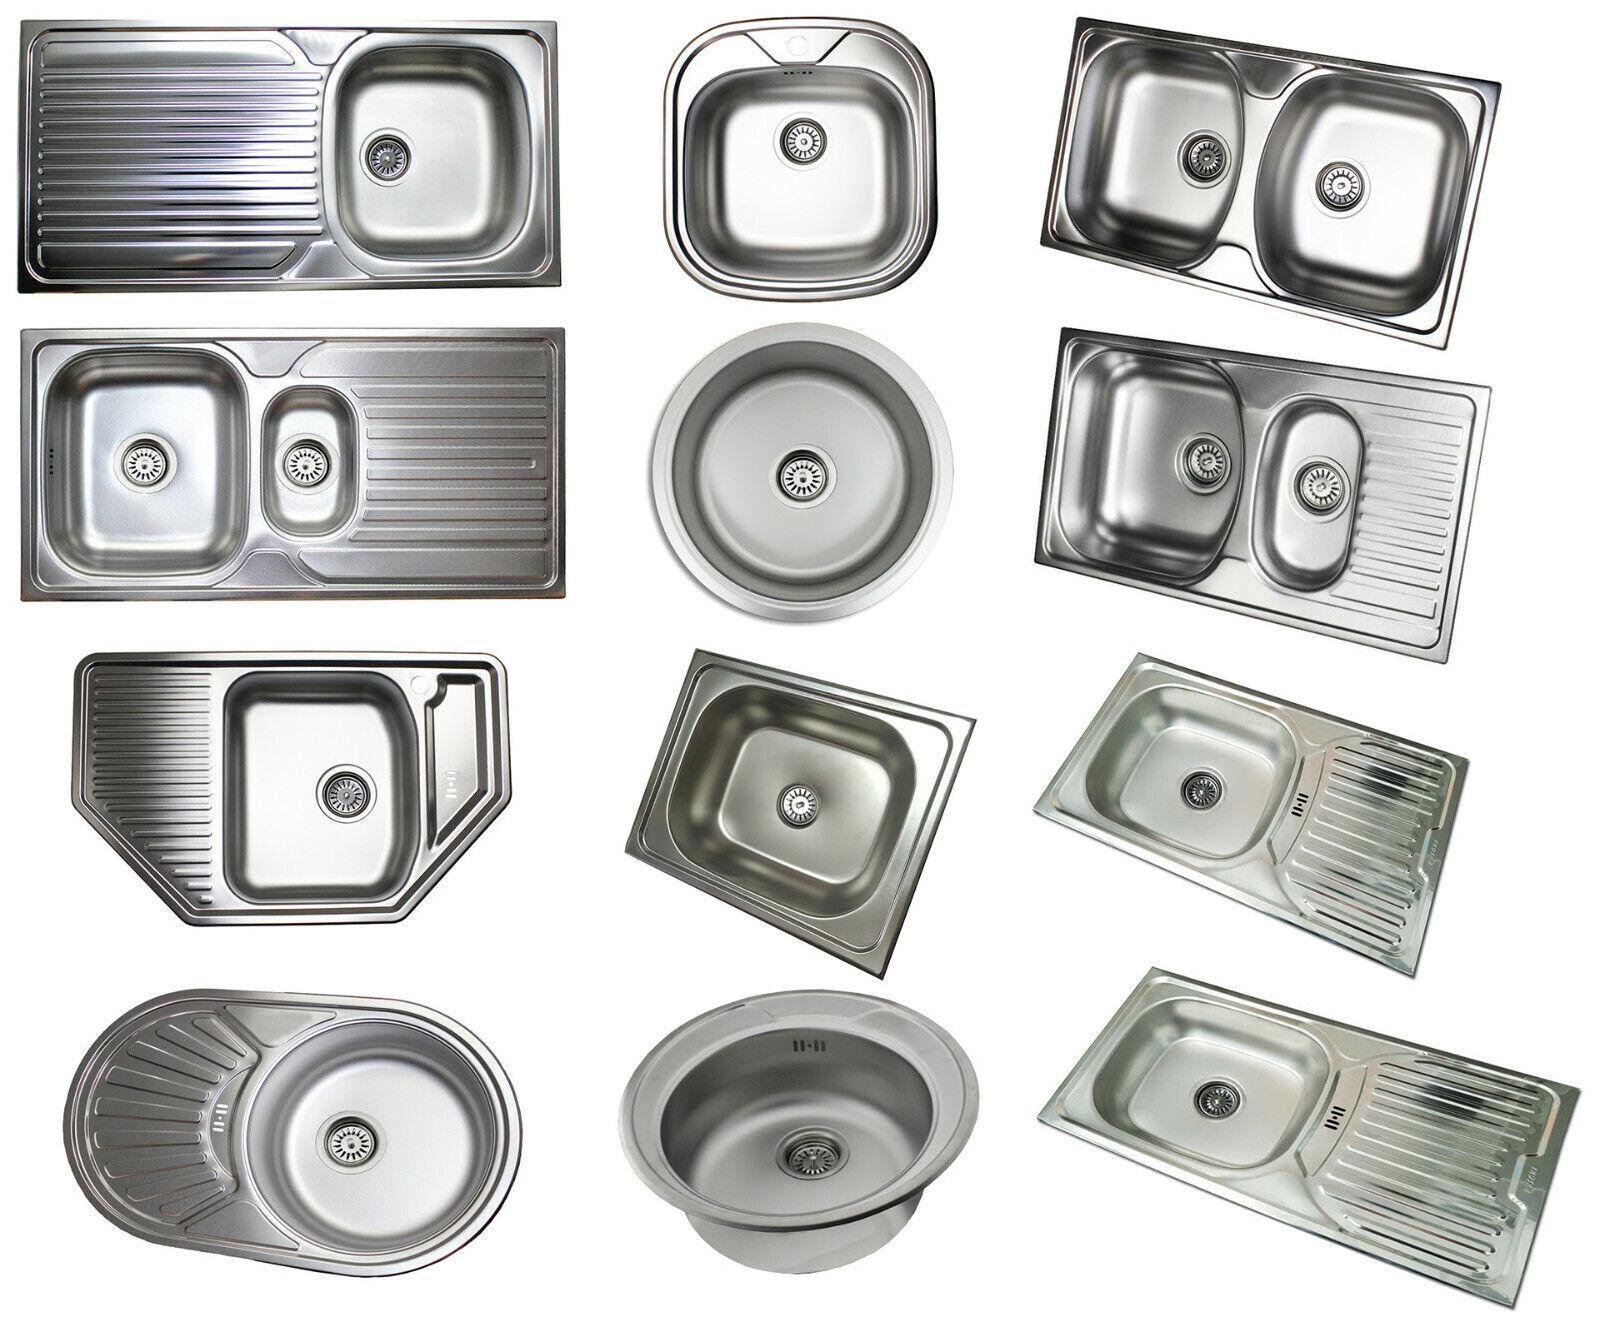 Edelstahl Einbauspüle Küchenspüle Spülbecken verschiedene Modelle Ablaufgarnitur